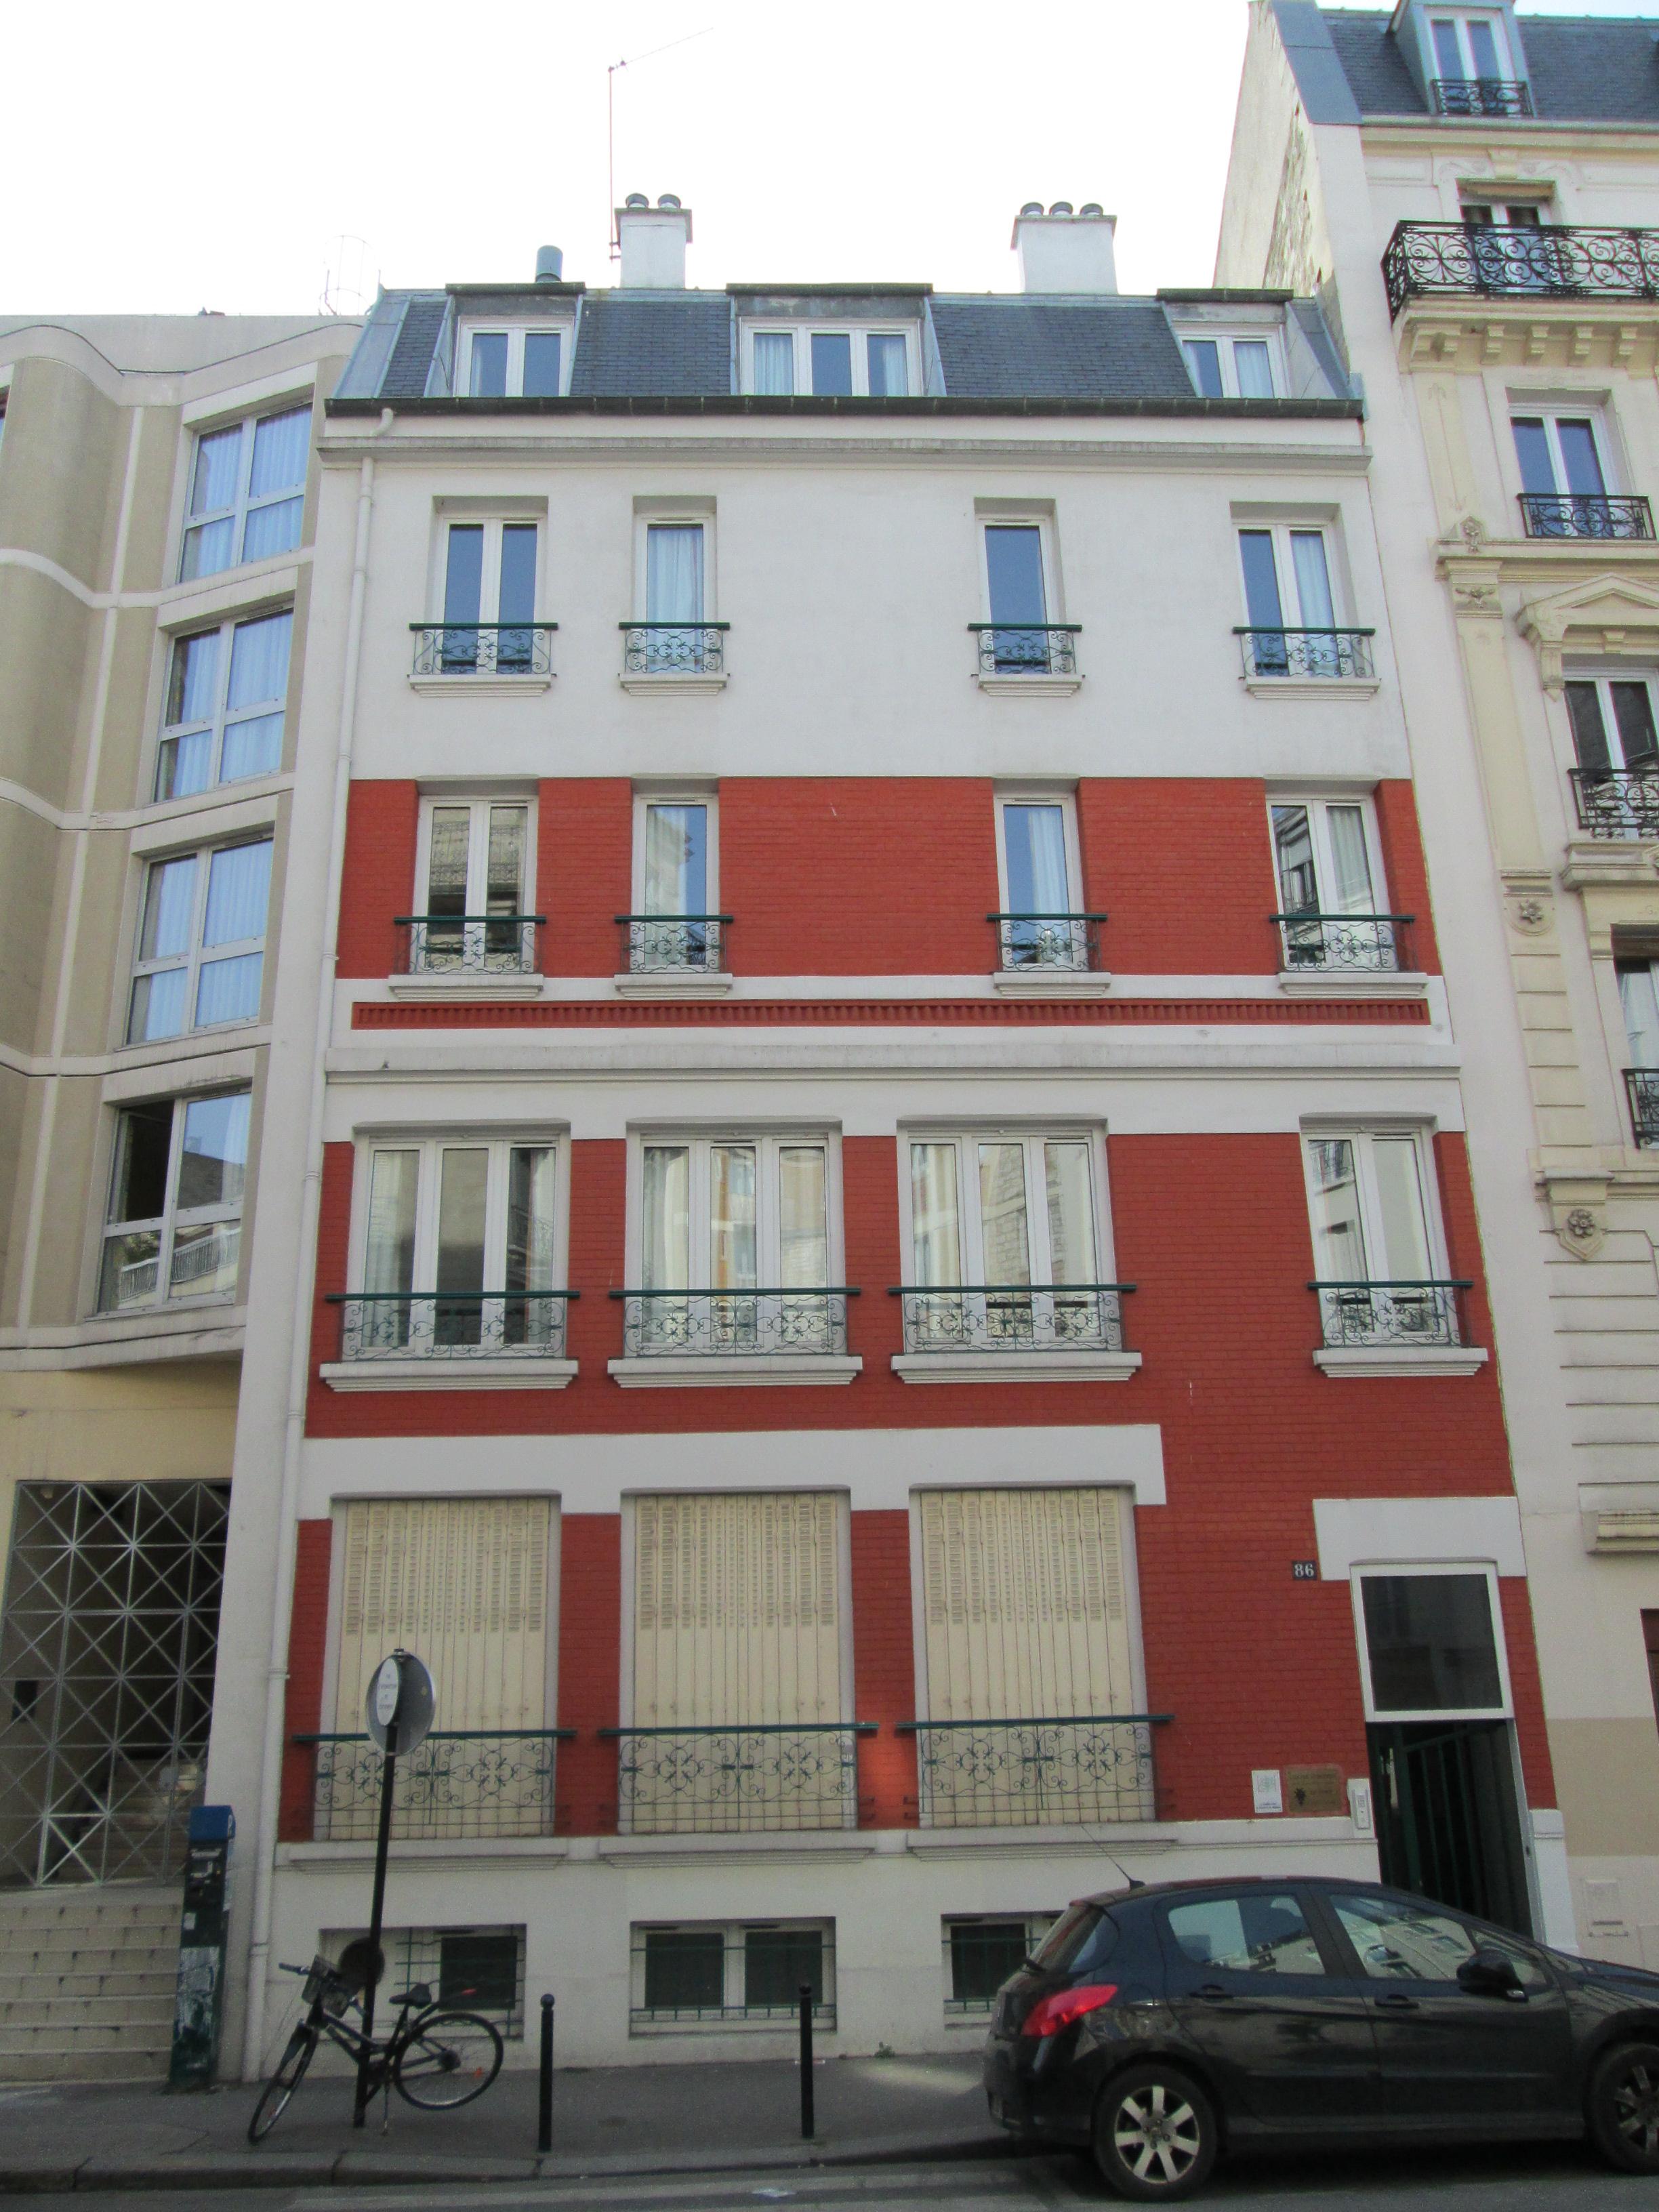 Hotel Foyer Le Pont Paris : Laizit�t paris foyer le pont tag neubegehren